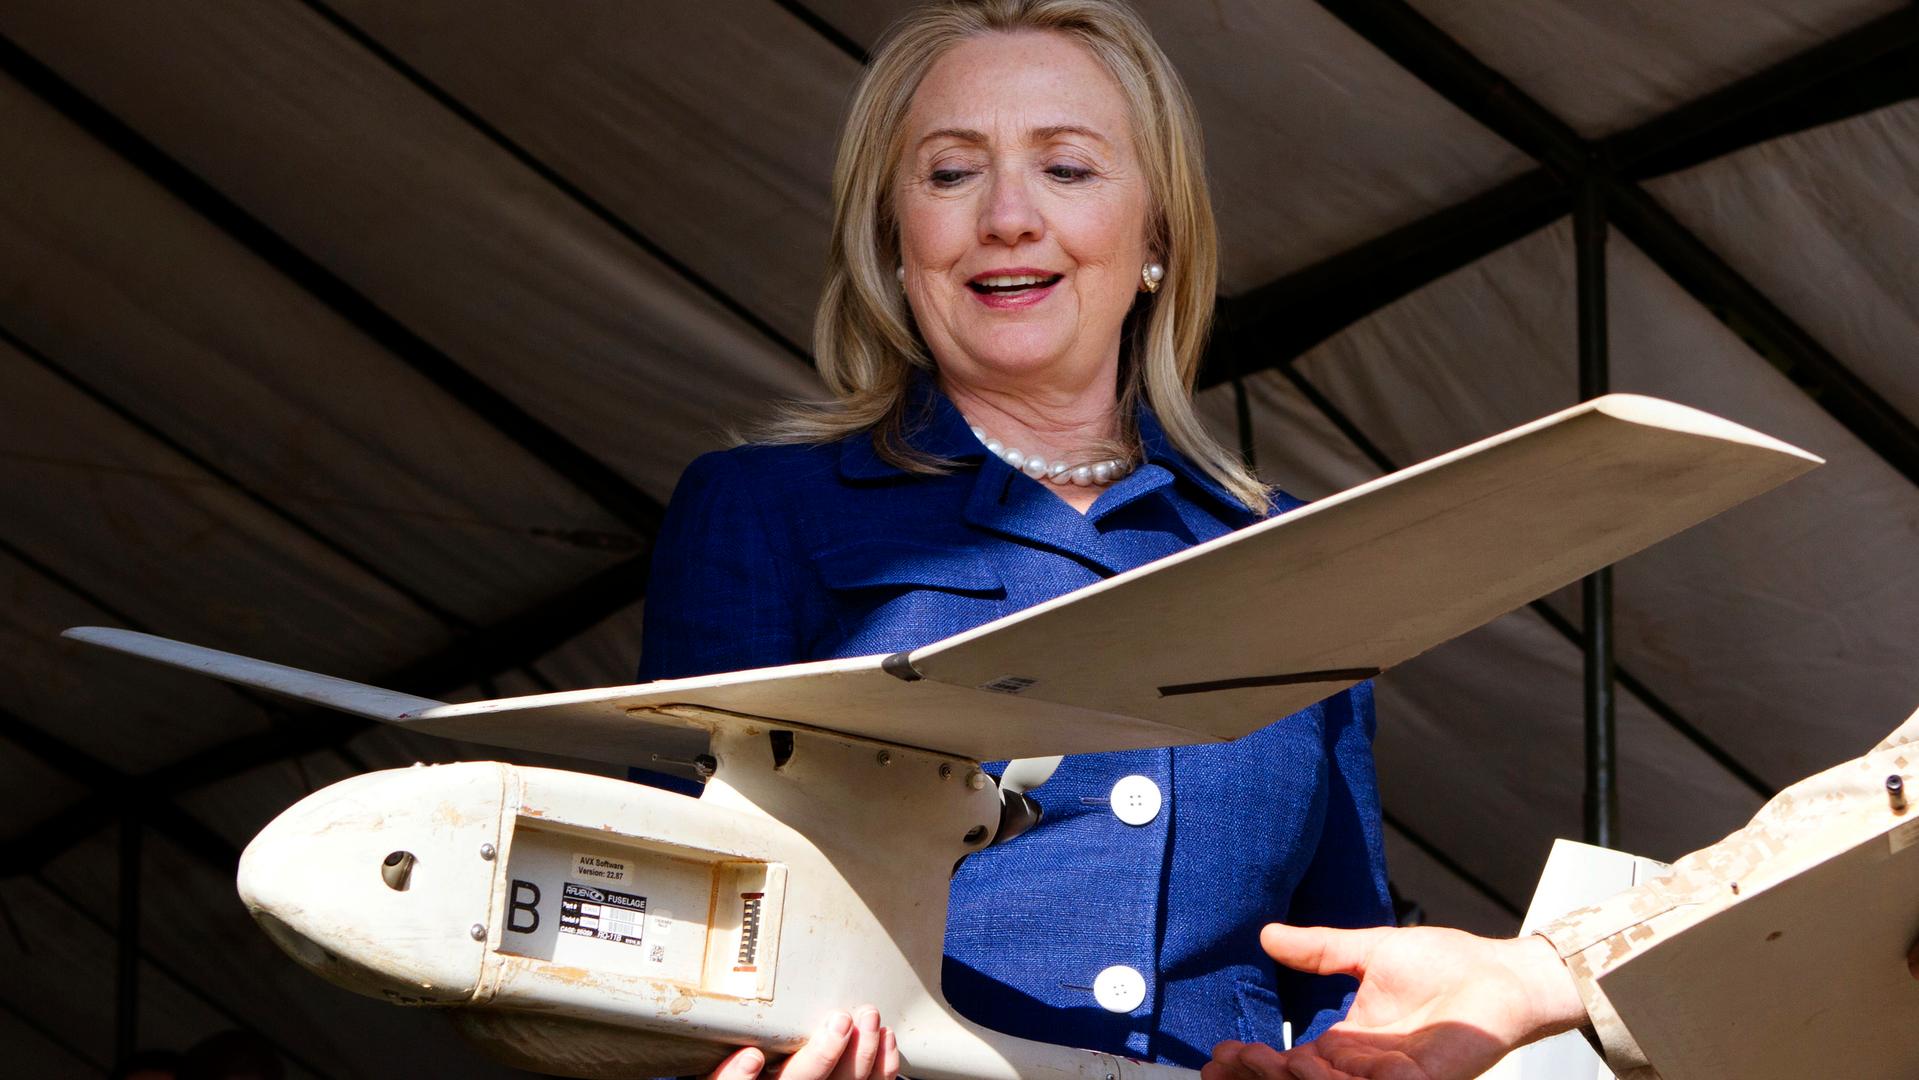 Не выходи из комнаты: стоит ли Ассанжу бояться «дронов Клинтон»